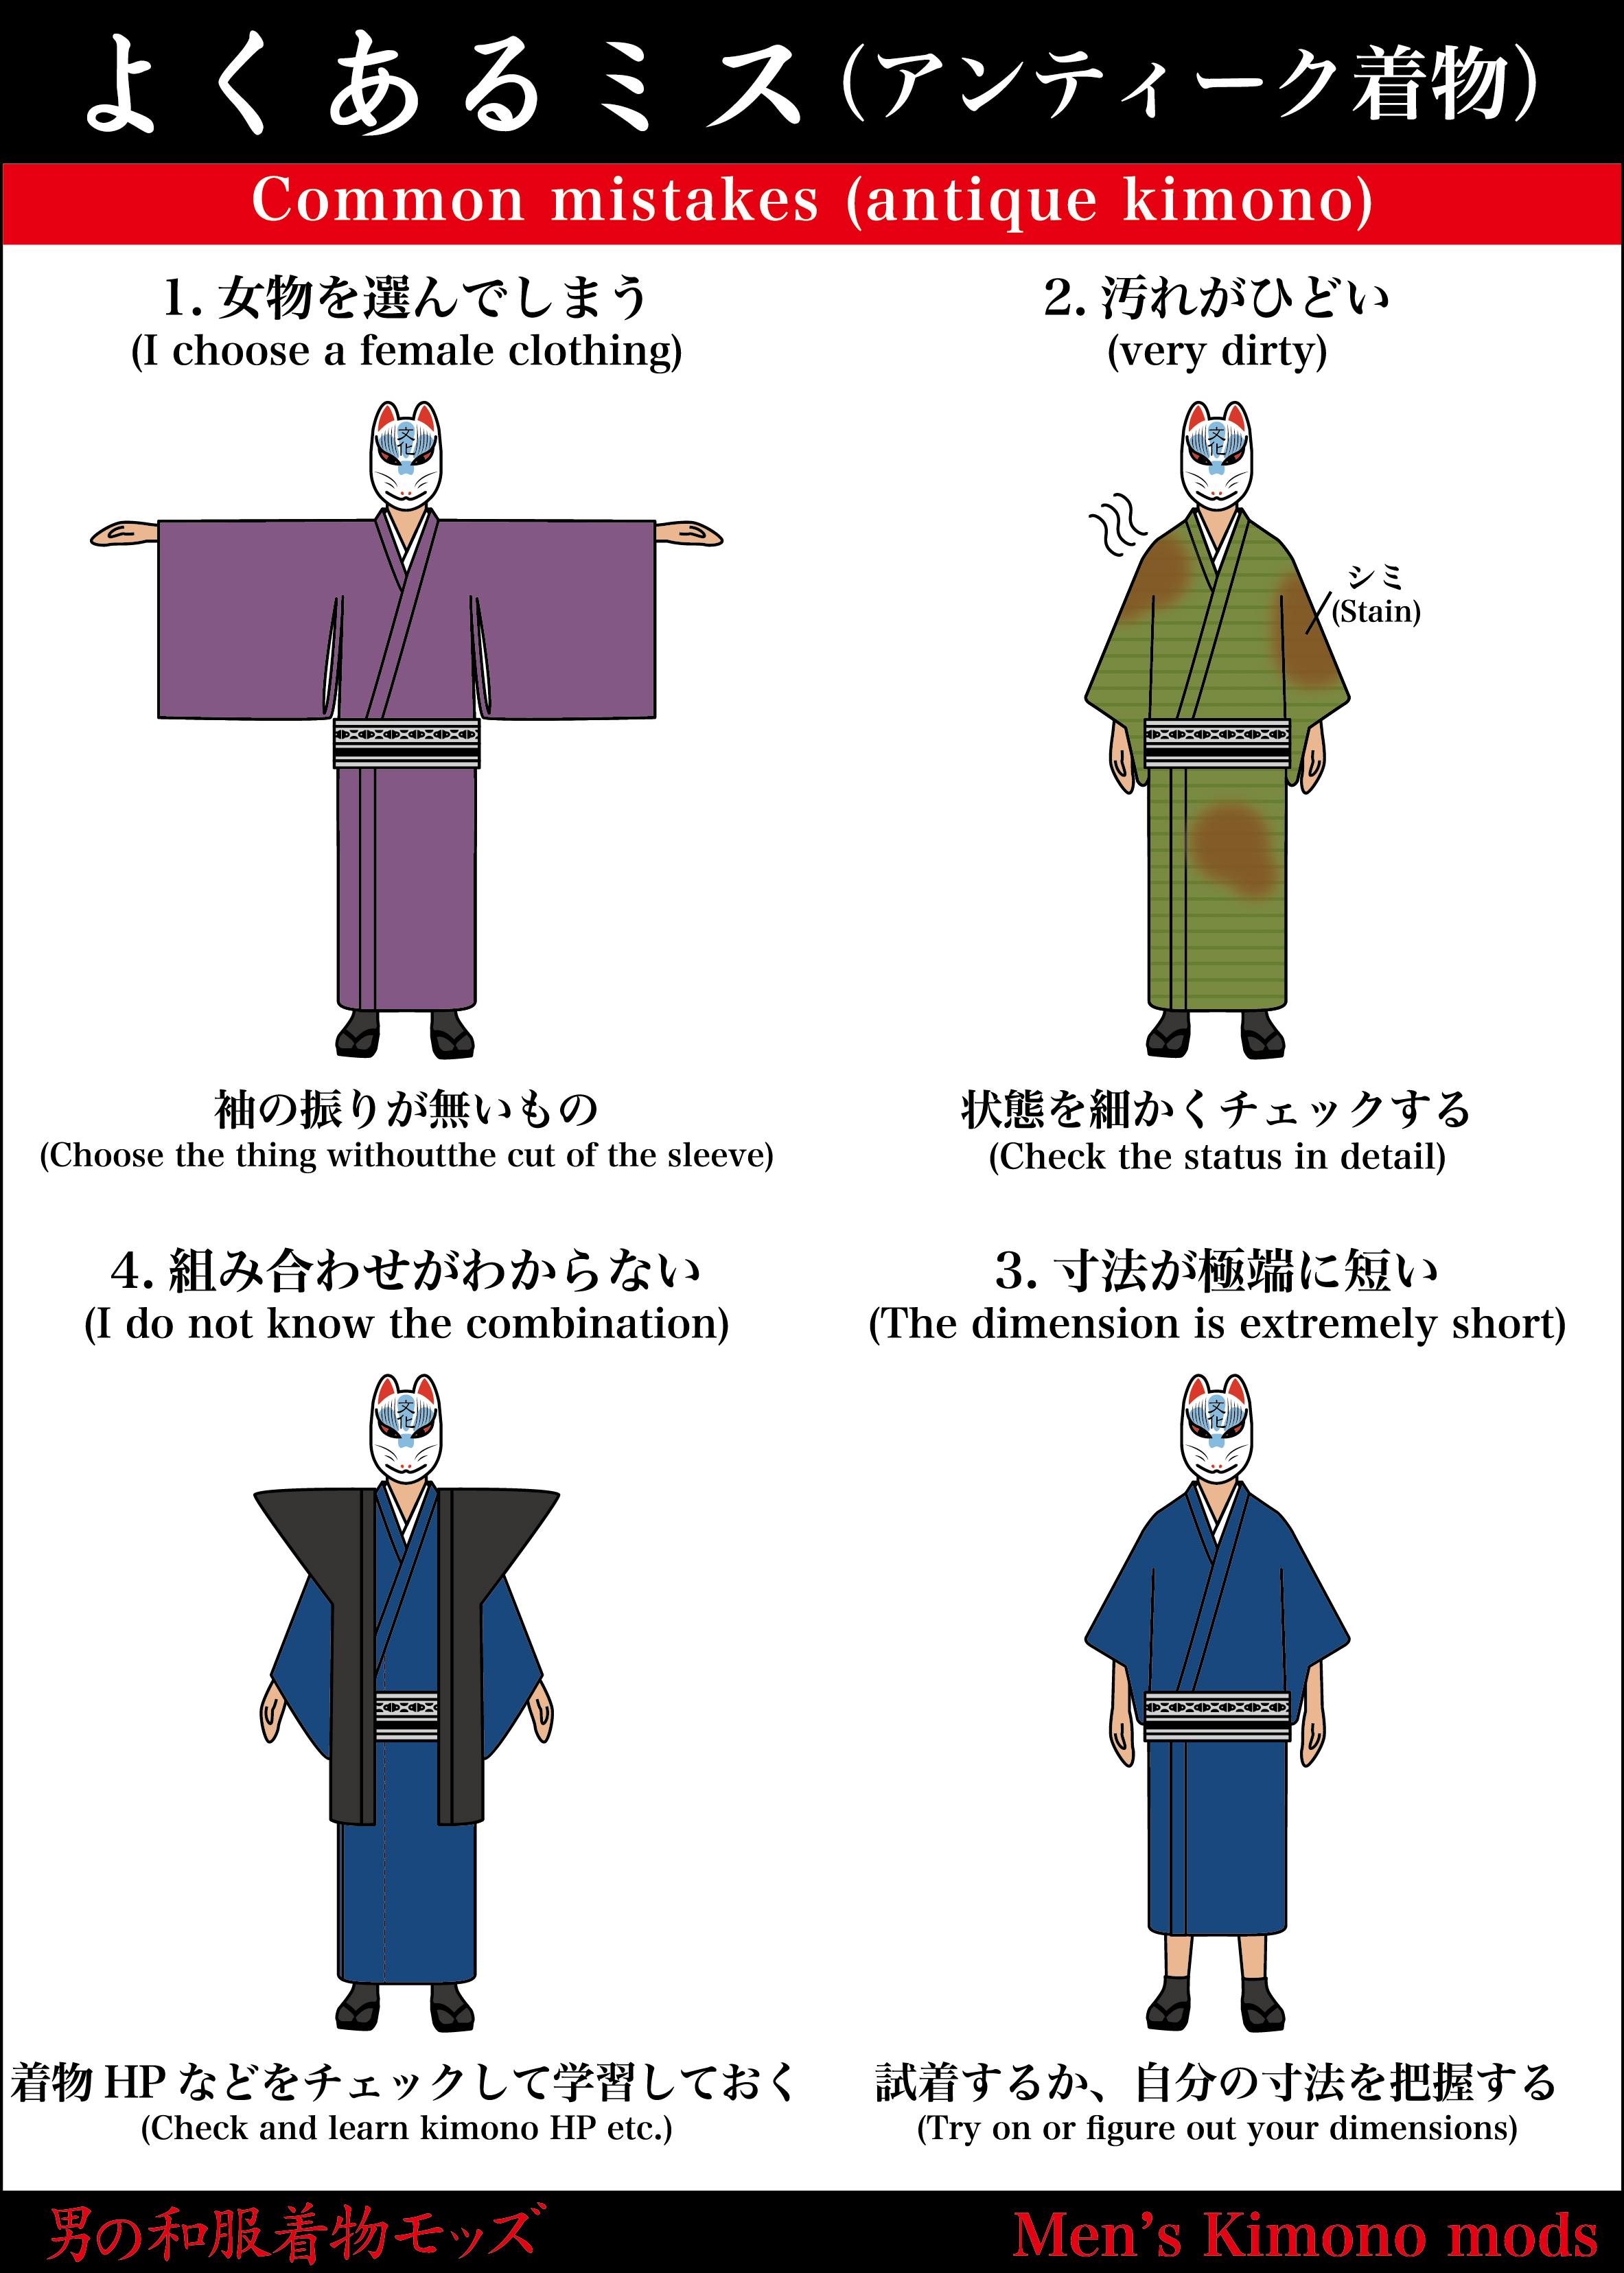 男の和服着物,メンズ着物,アンティーク,ミス,和装,種類,狐面,日本,裏着物